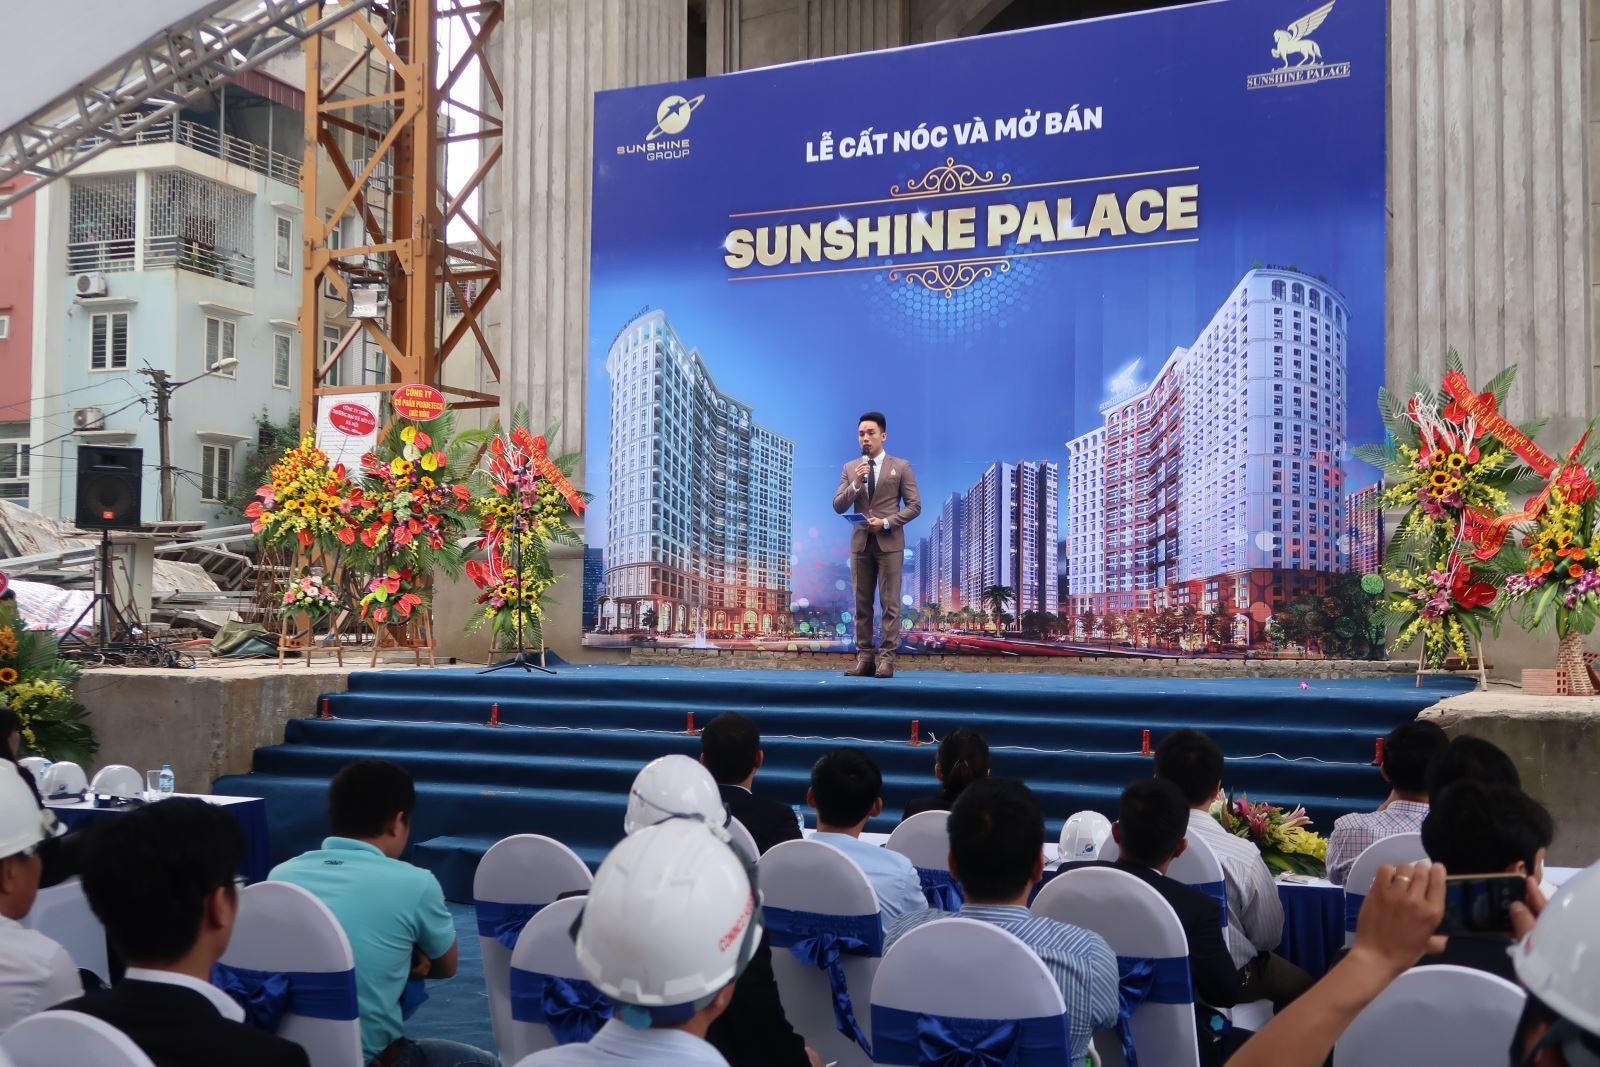 Lễ cất nóc và Mở bán Đợt 1 Dự án Sunshine Palace